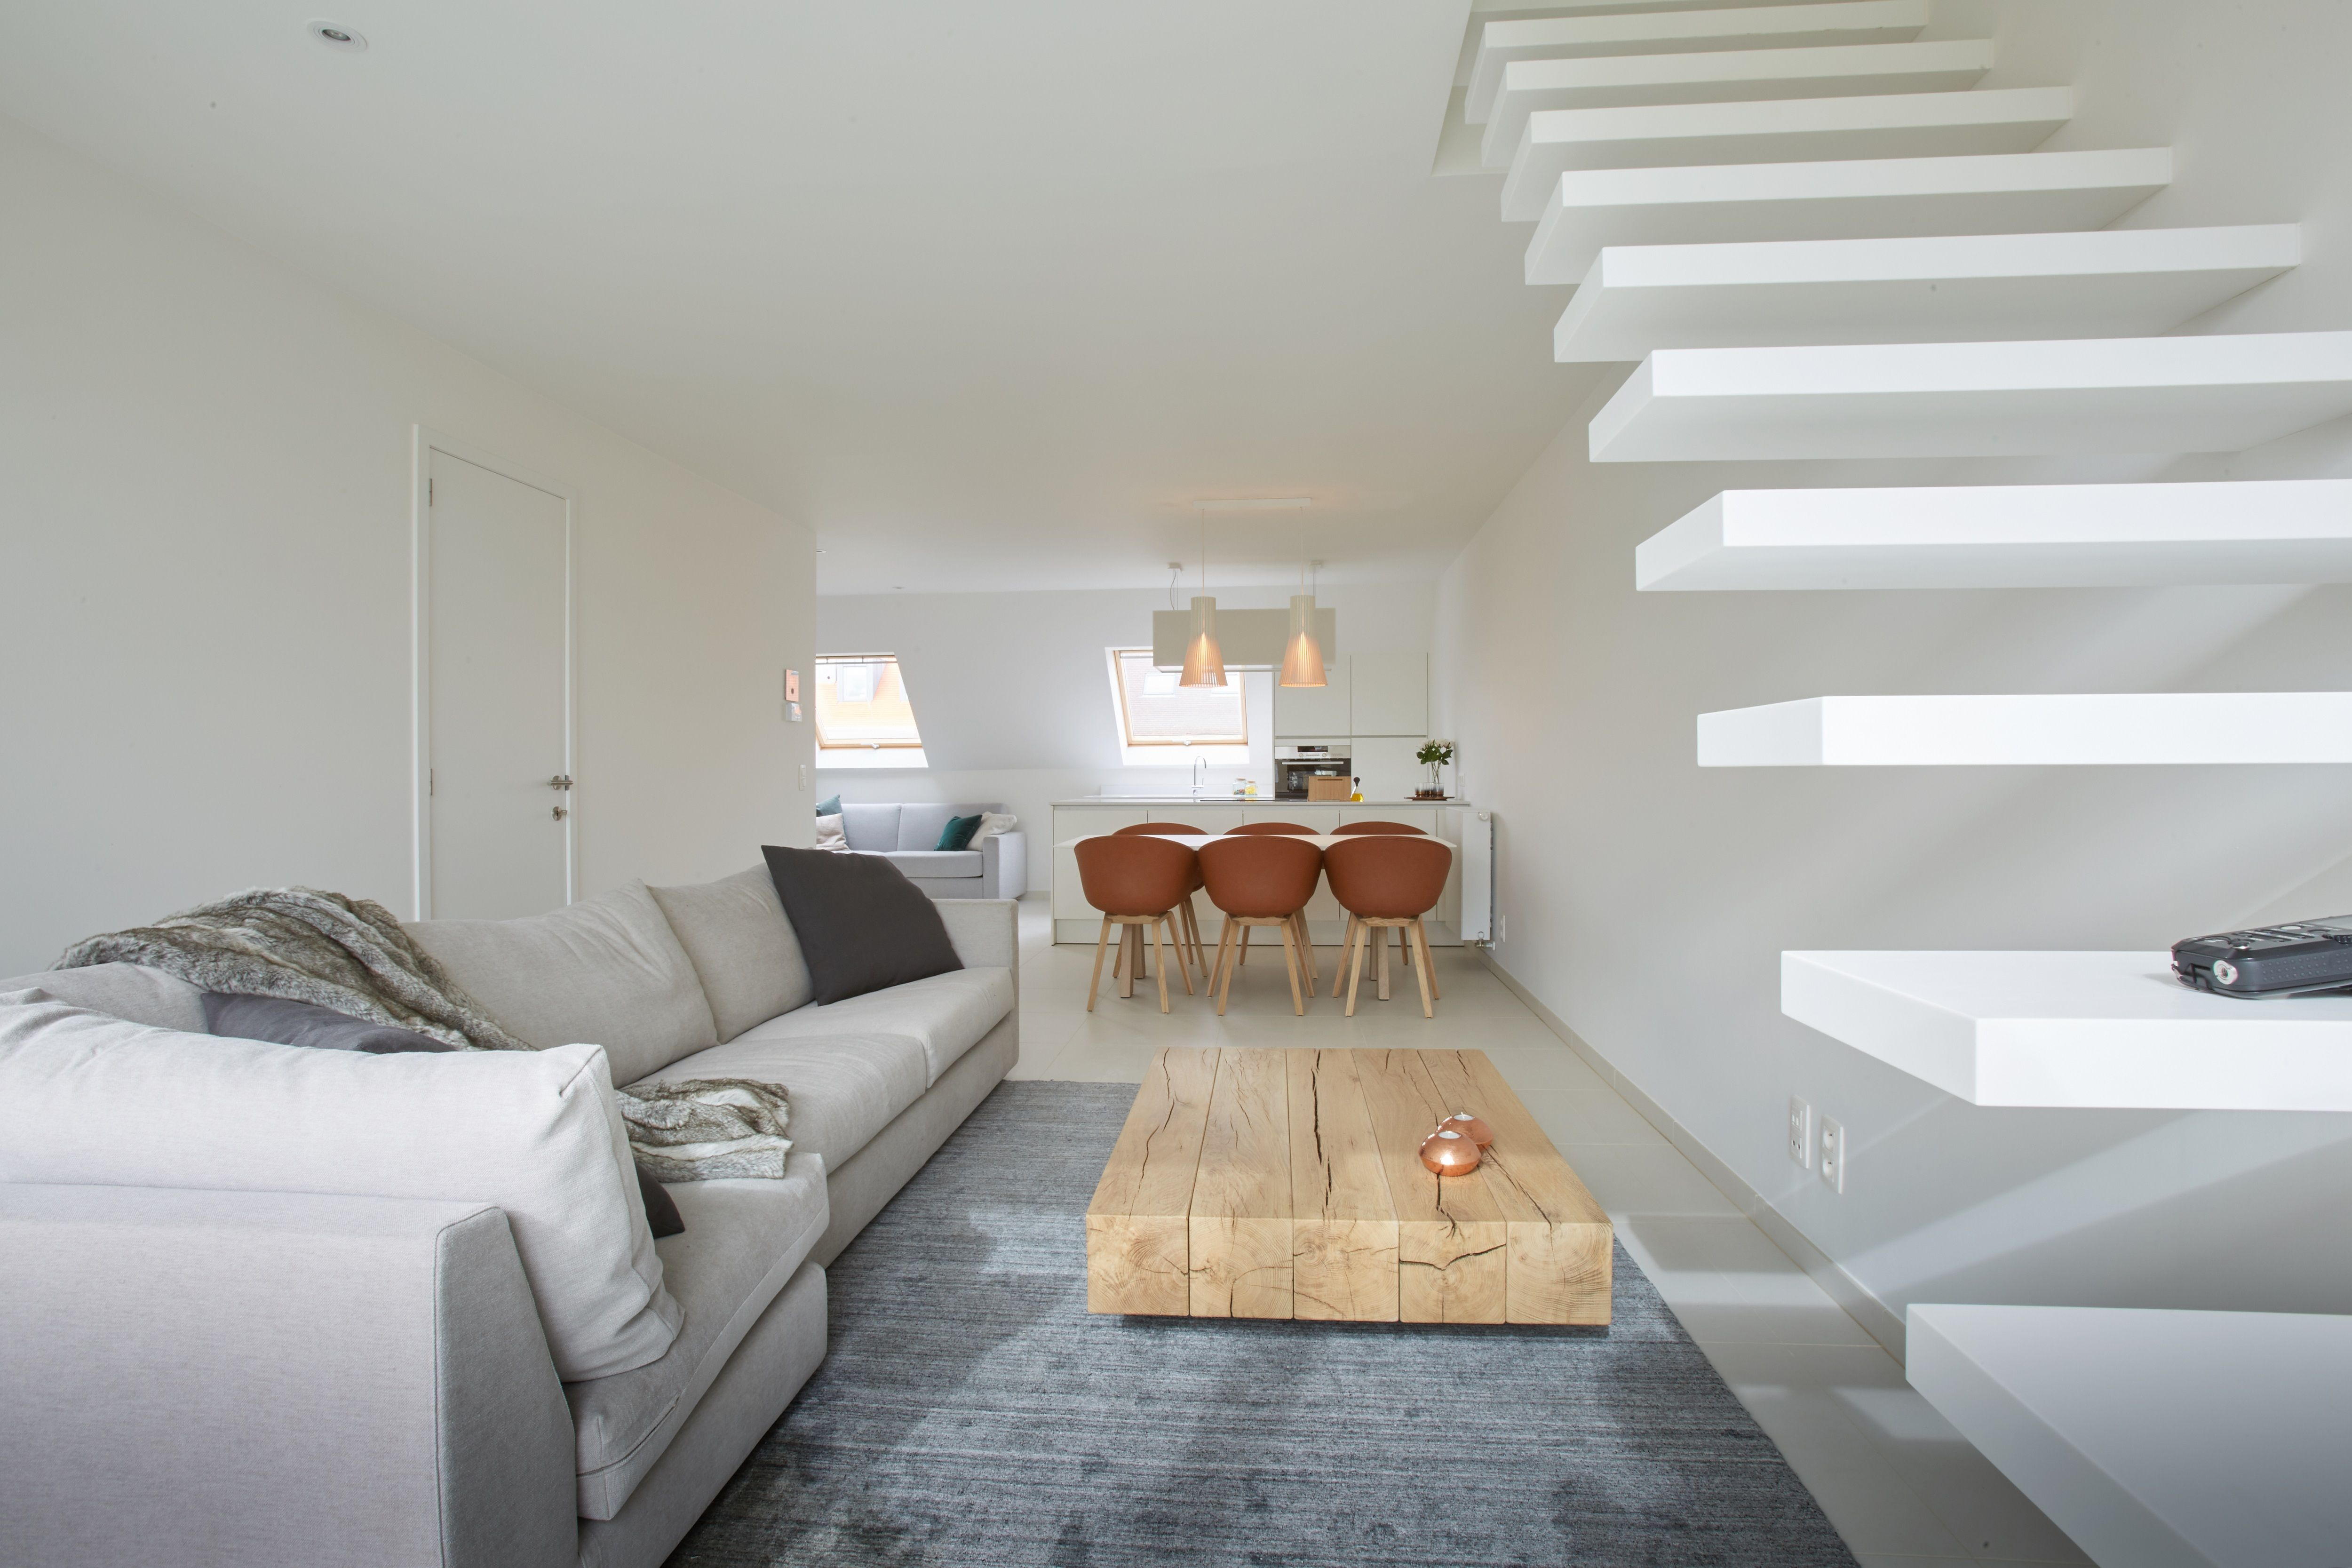 Duplex-appartement met 2 slaapkamers te koop Nieuwpoort - 5407